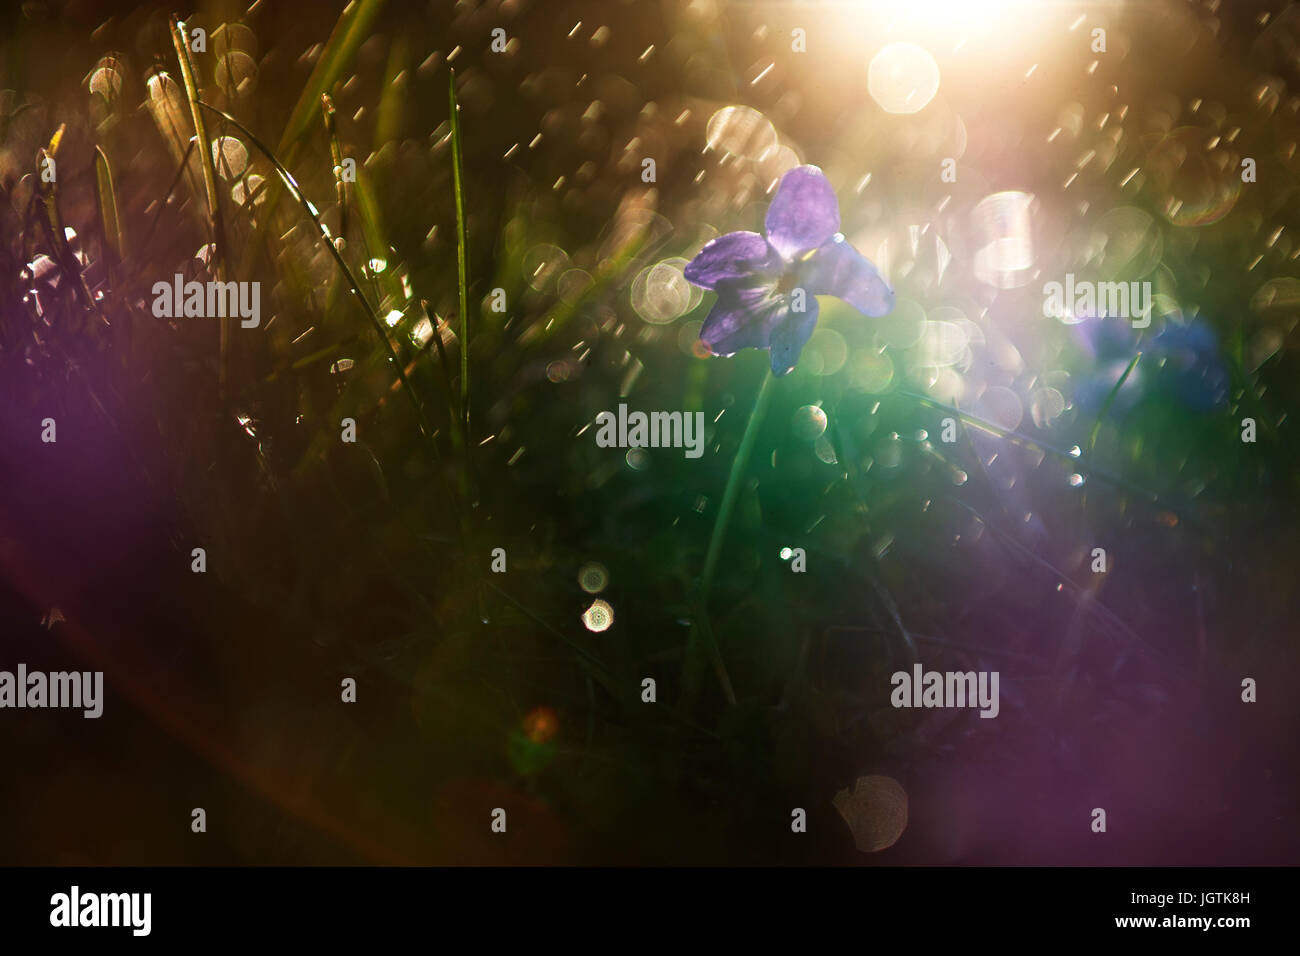 Violette Blume im Regen Stockbild